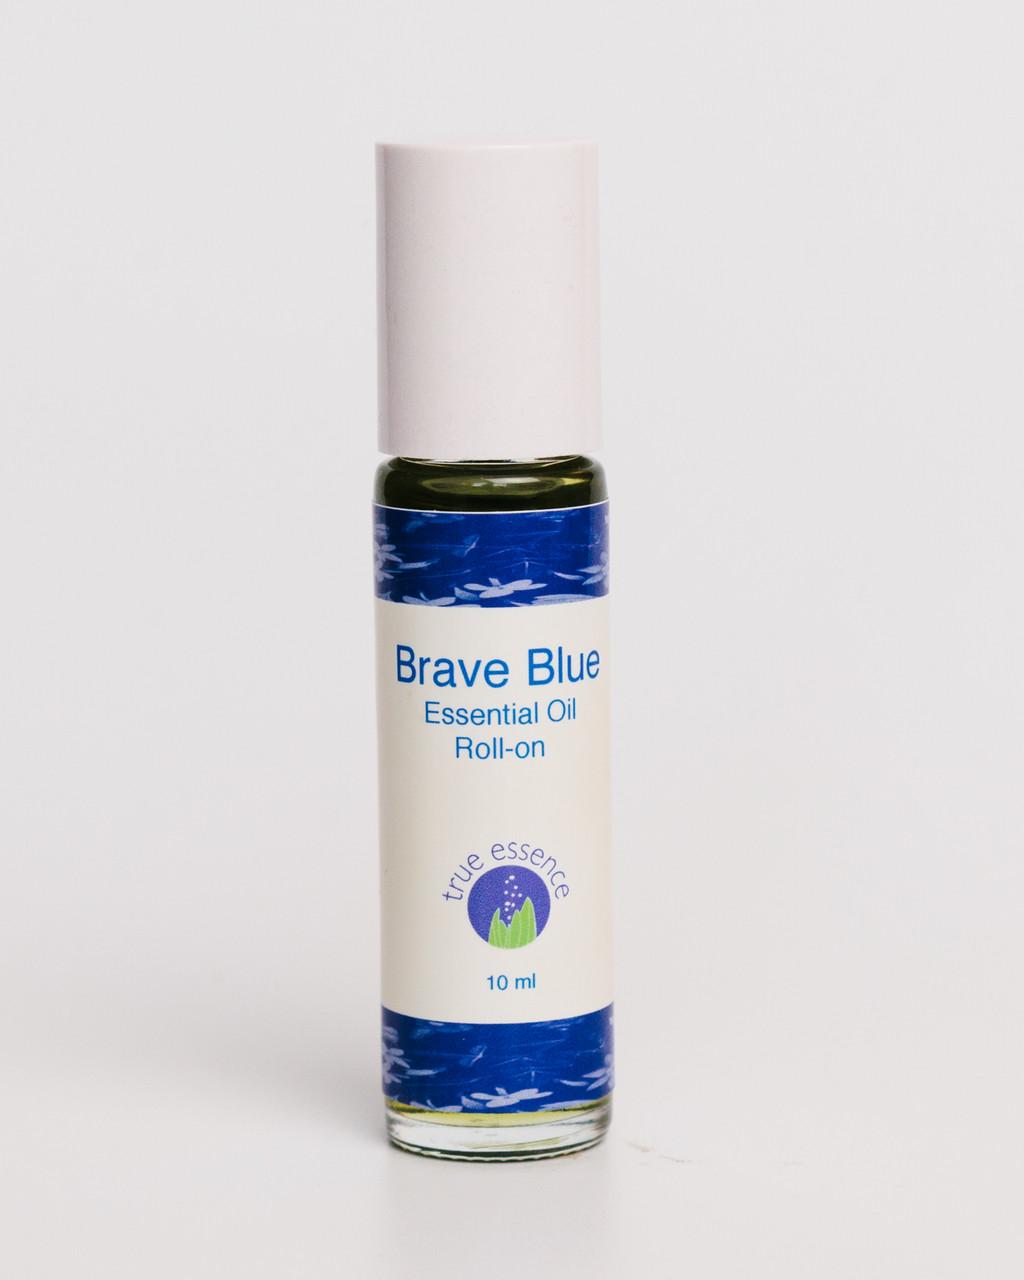 BRAVE BLUE ROLL-ON